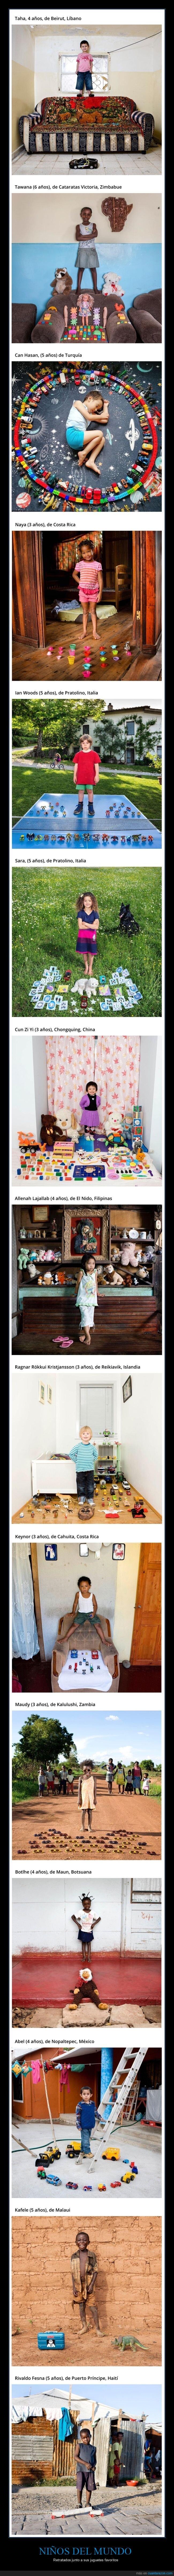 juguetes,niños,países